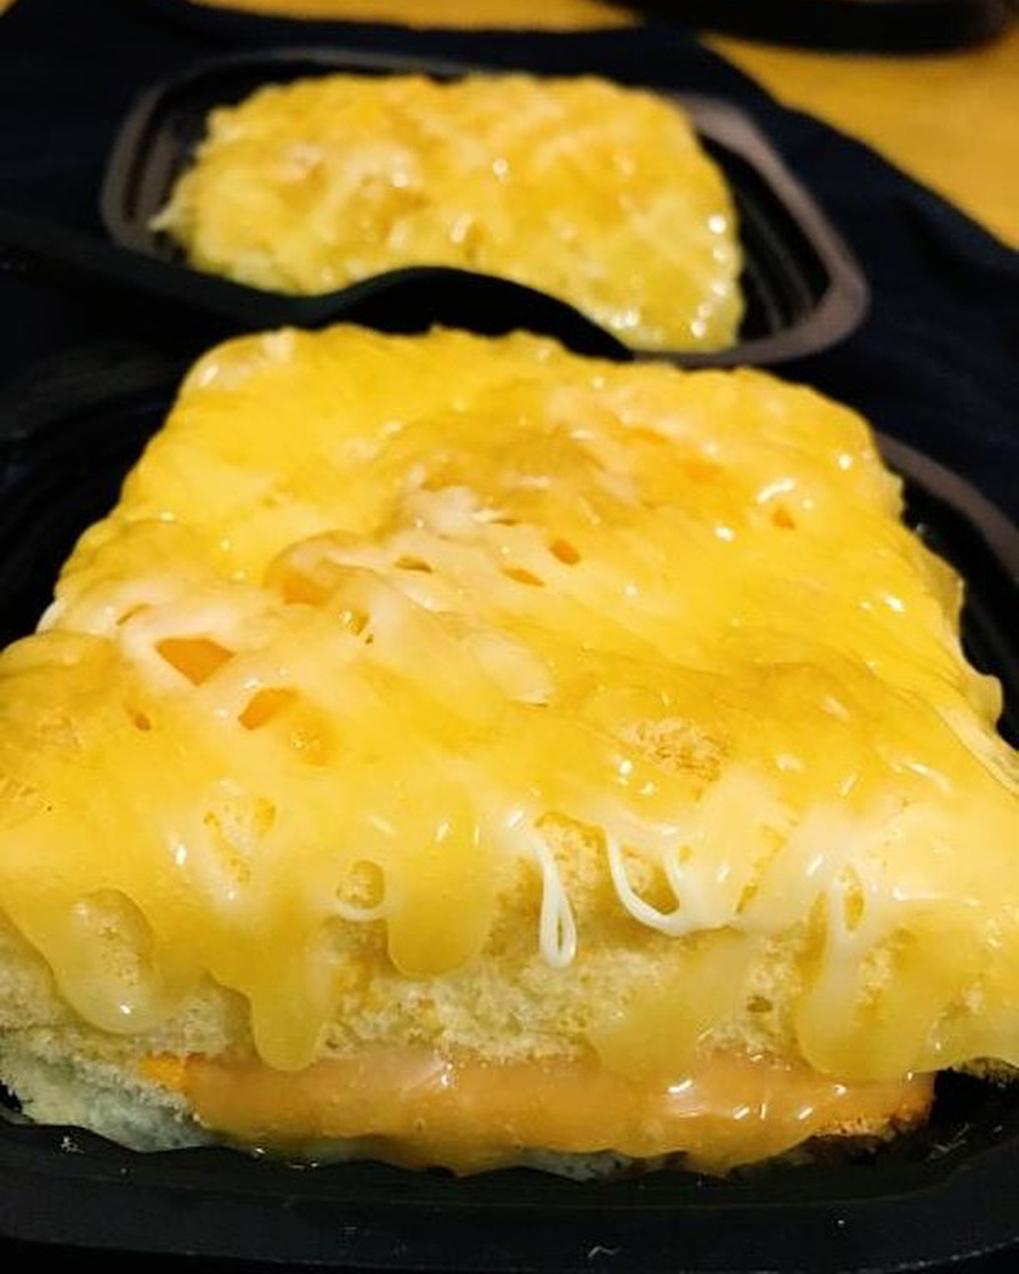 cách làm sốt 4 cách làm sốt Cách làm sốt bánh bông lan trứng muối cực đơn giản cach lam sot 4